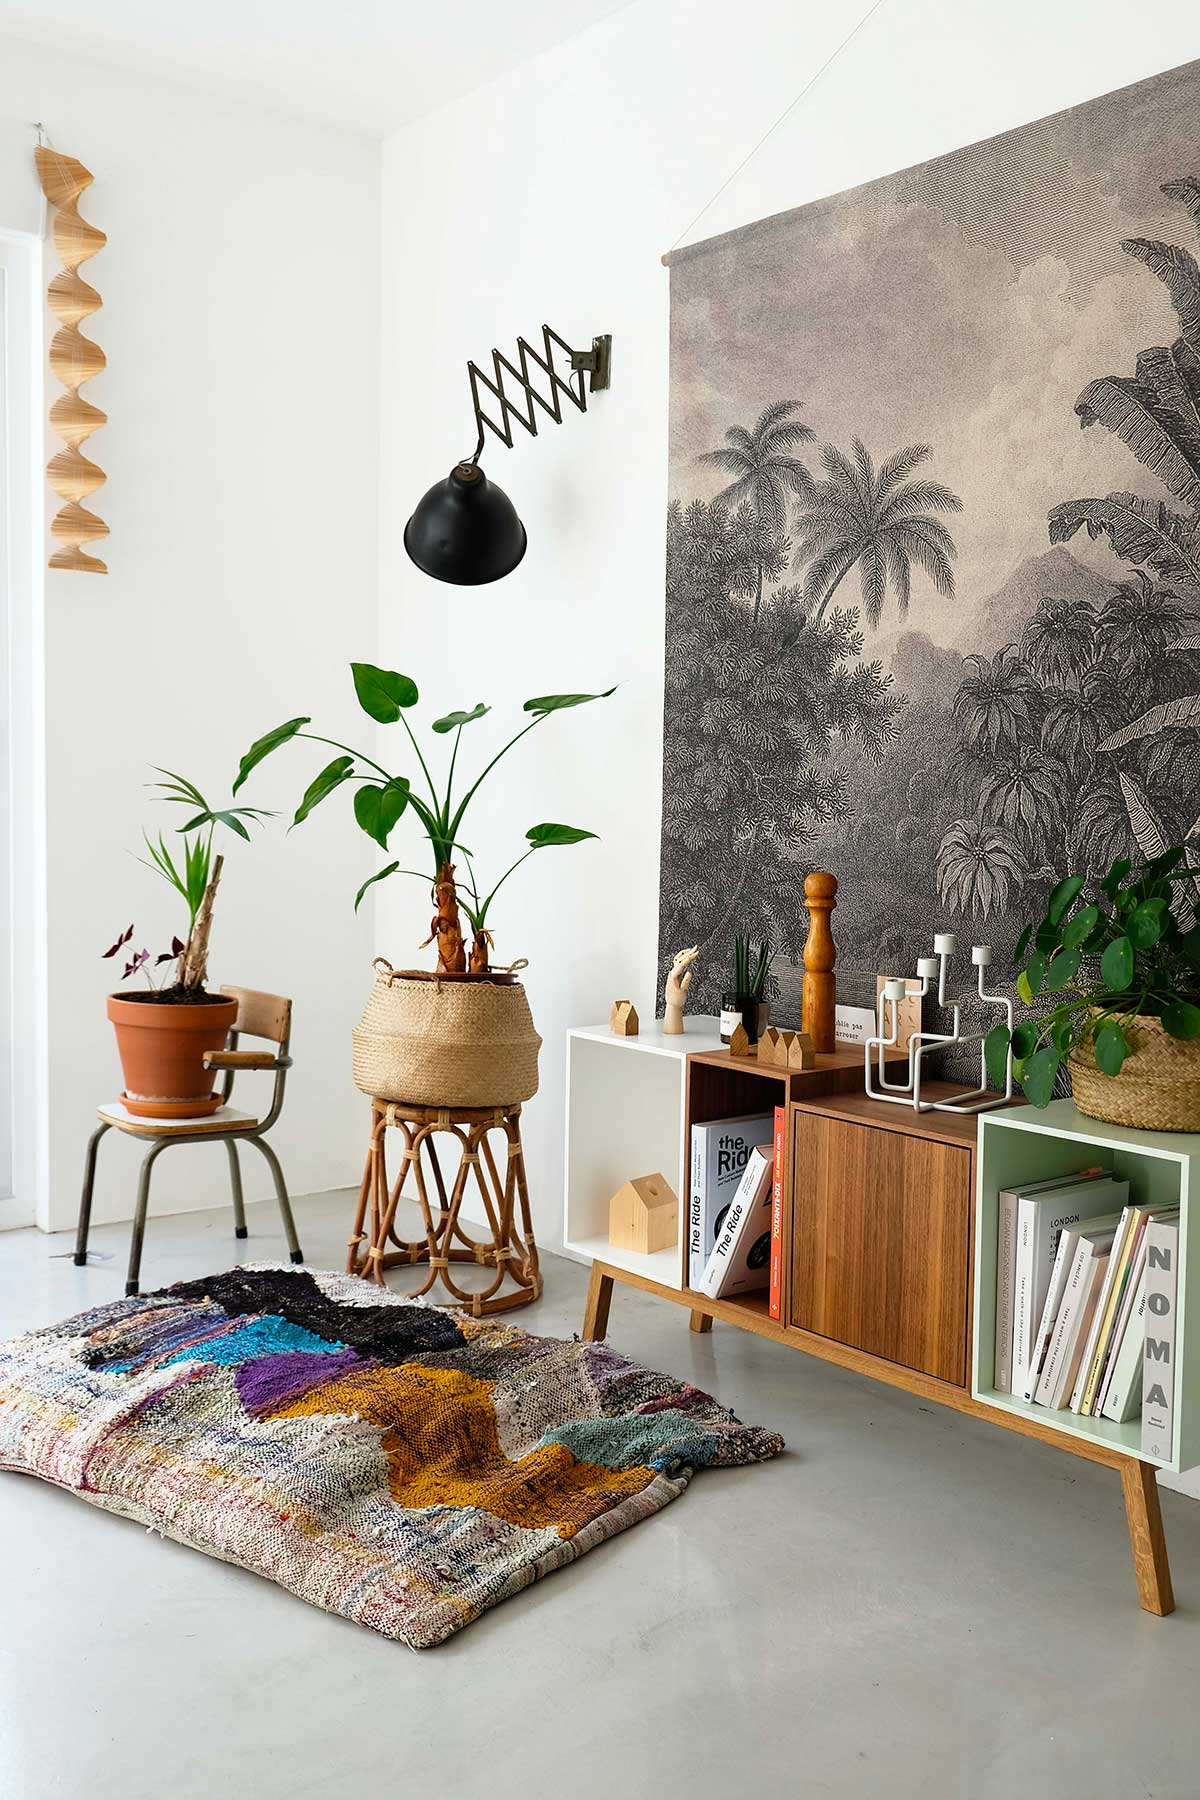 Etagere cube dans une ambiance jungle urbaine avec des plantes